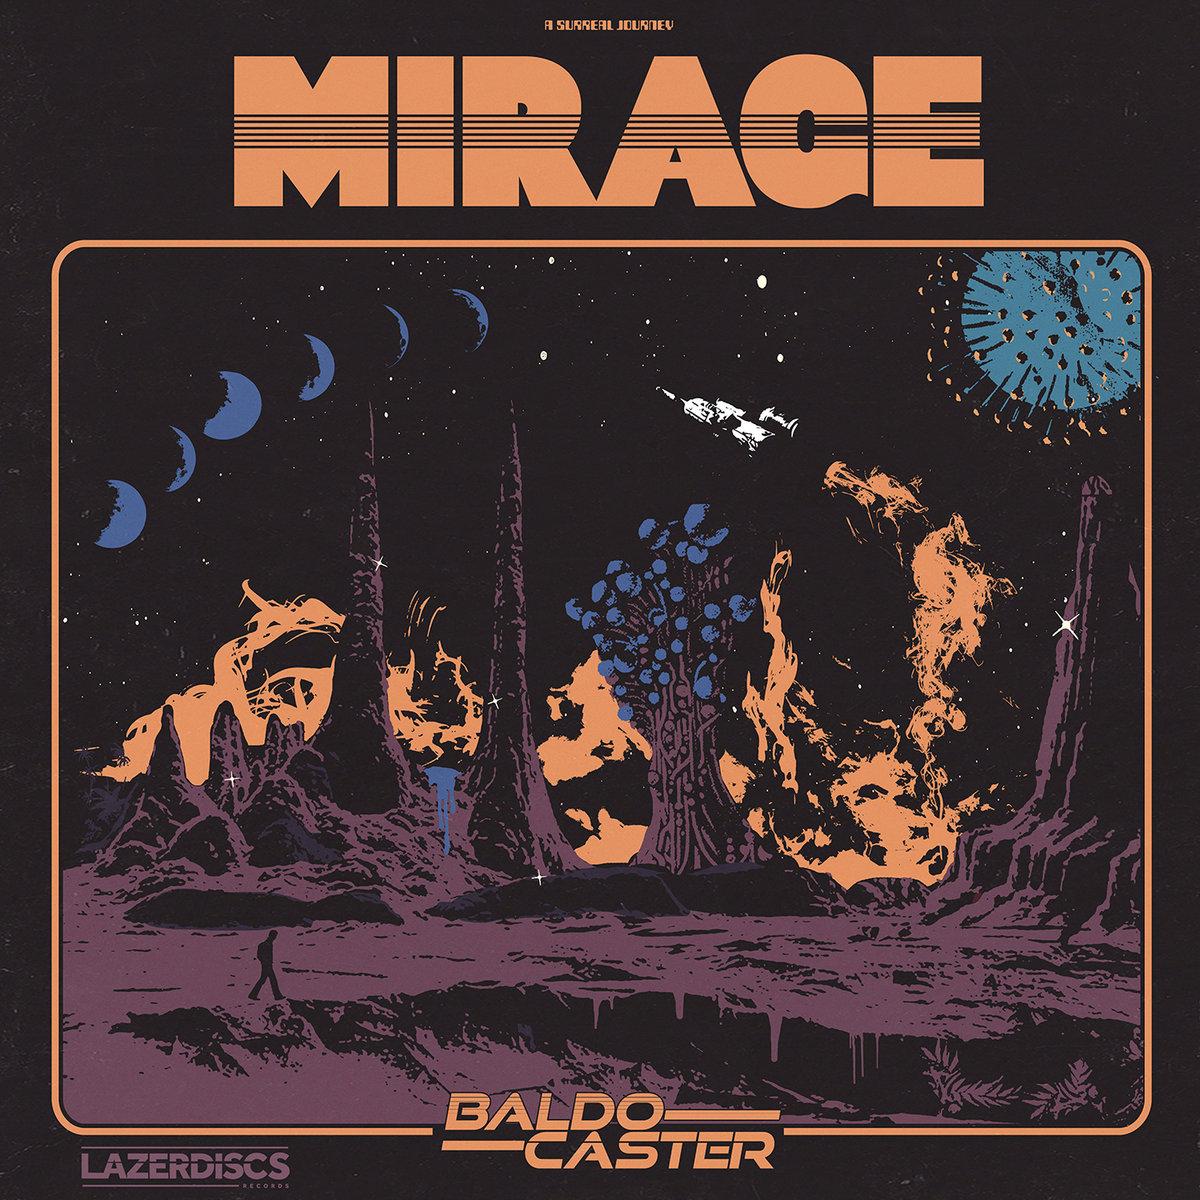 a4230222417 10 - Baldocaster - Mirage